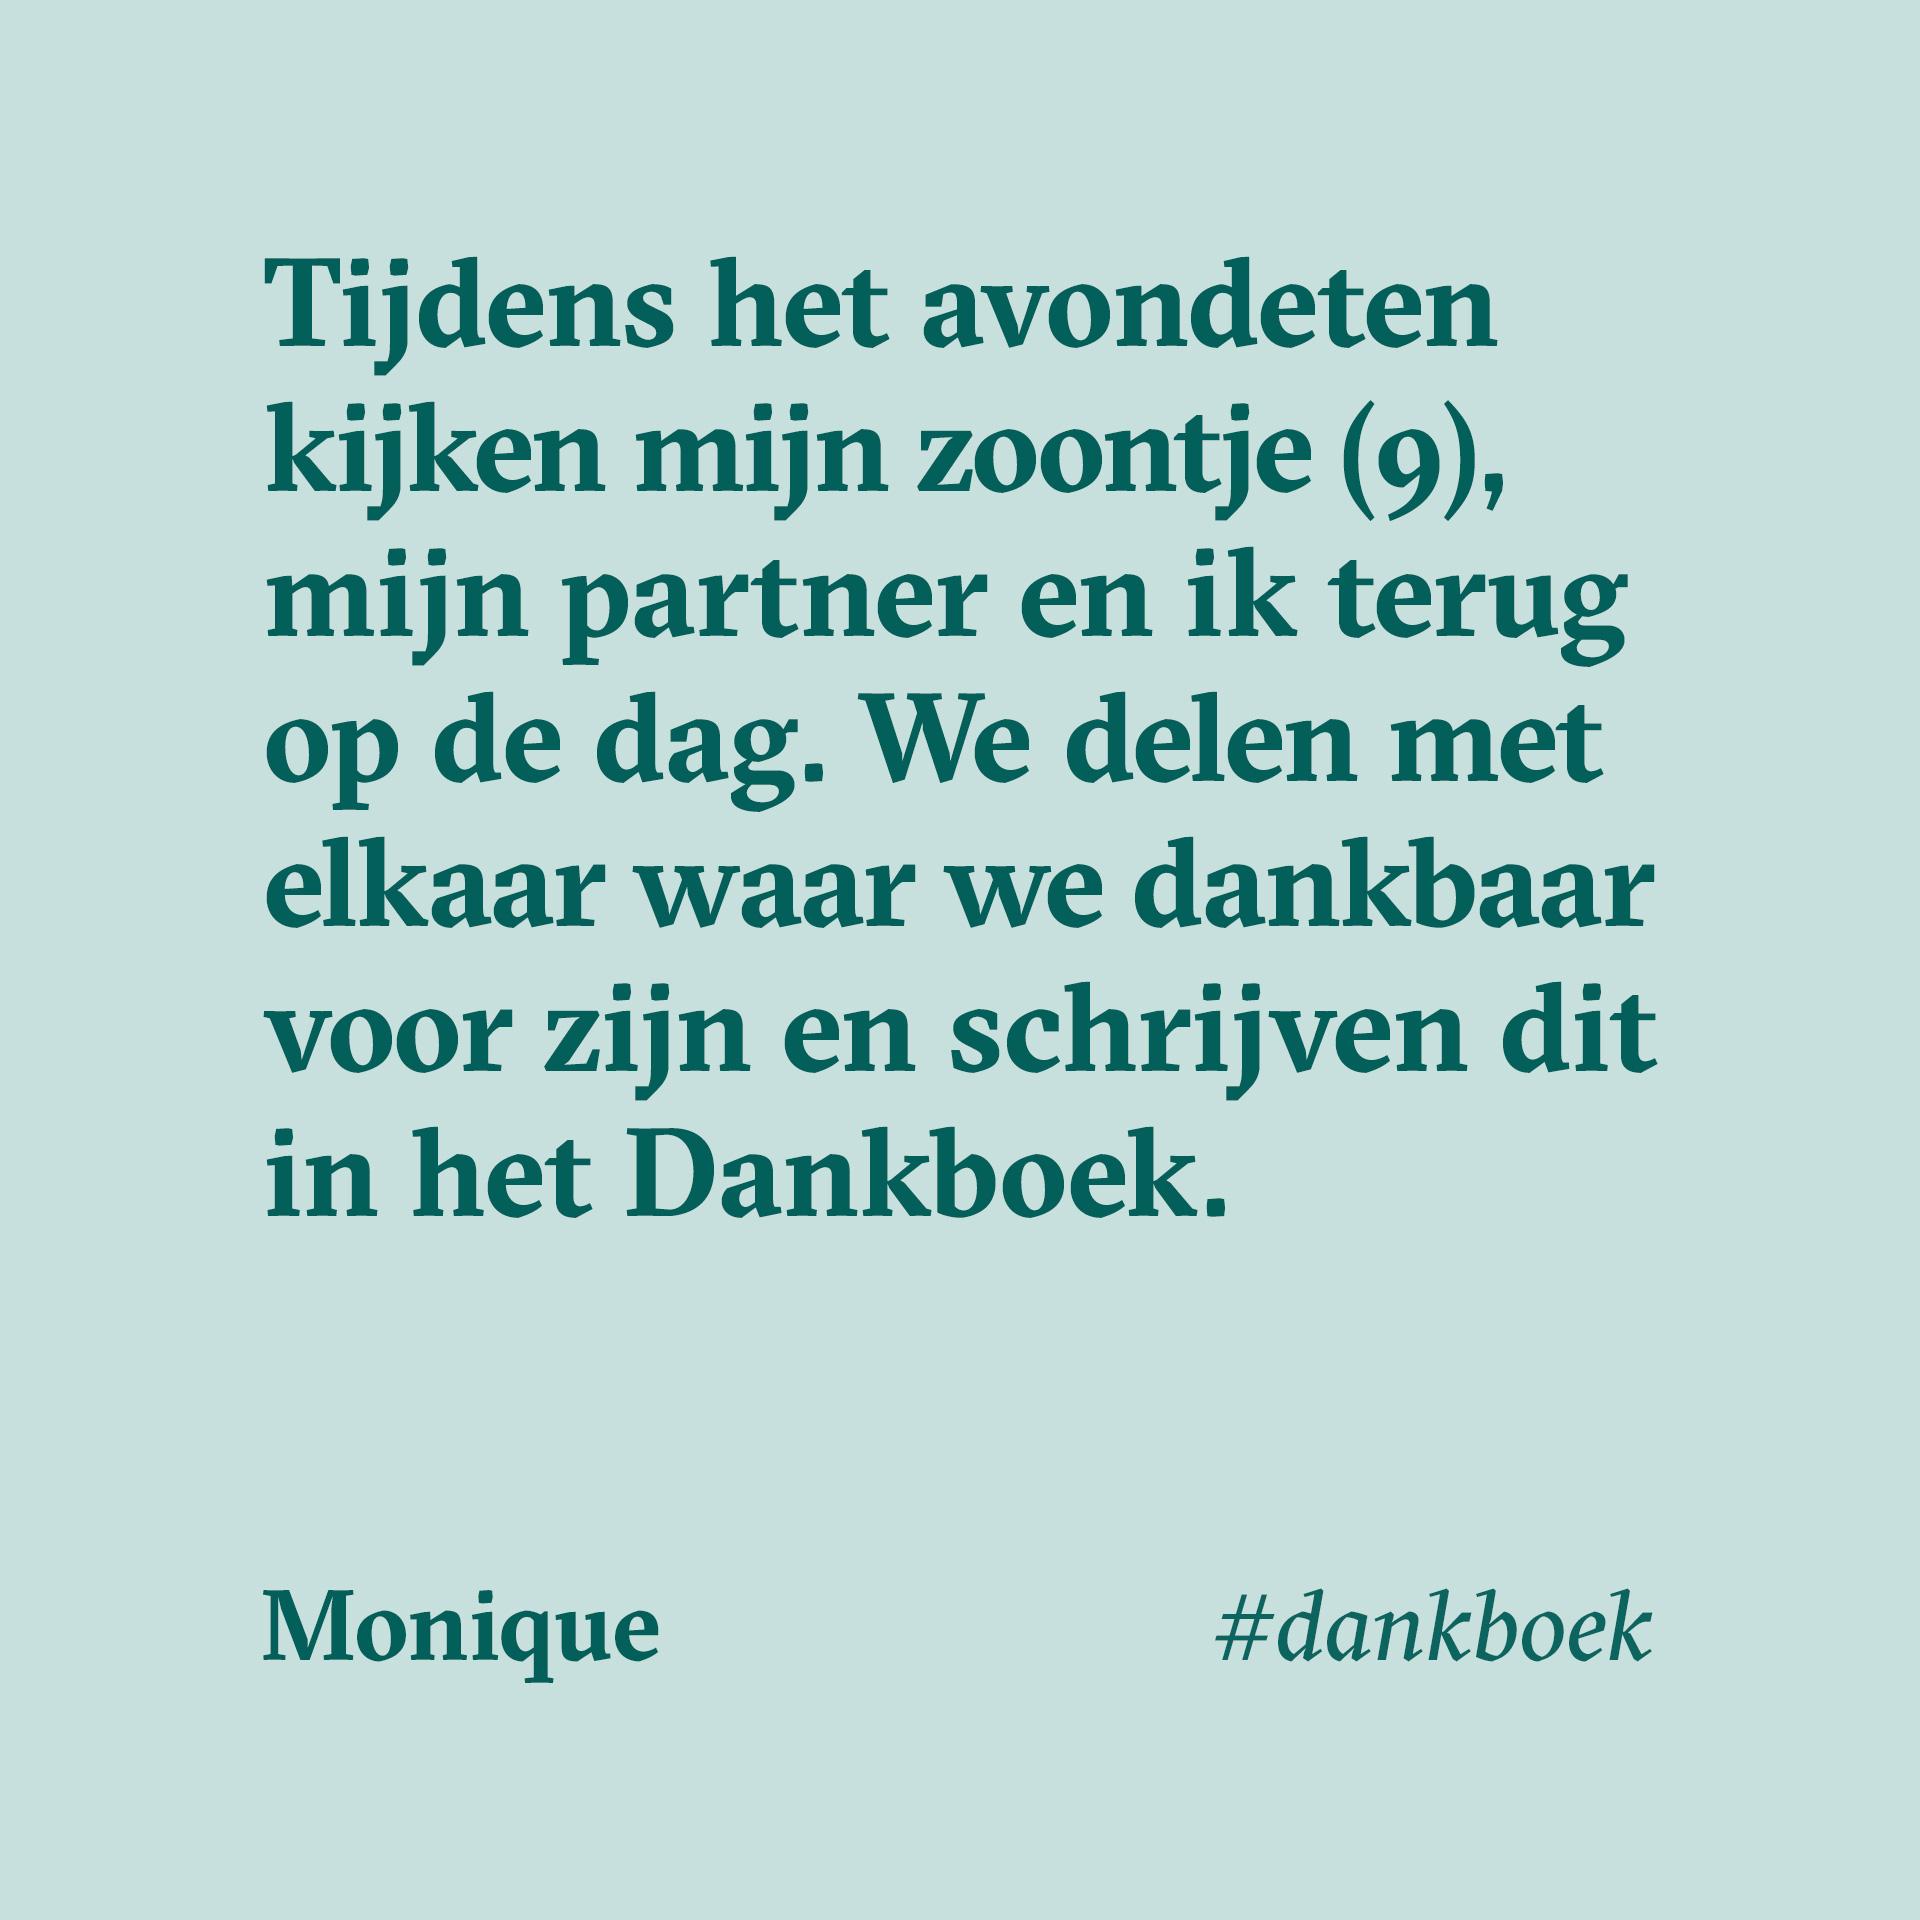 dankboek_quotes_teal_monique_01.jpg